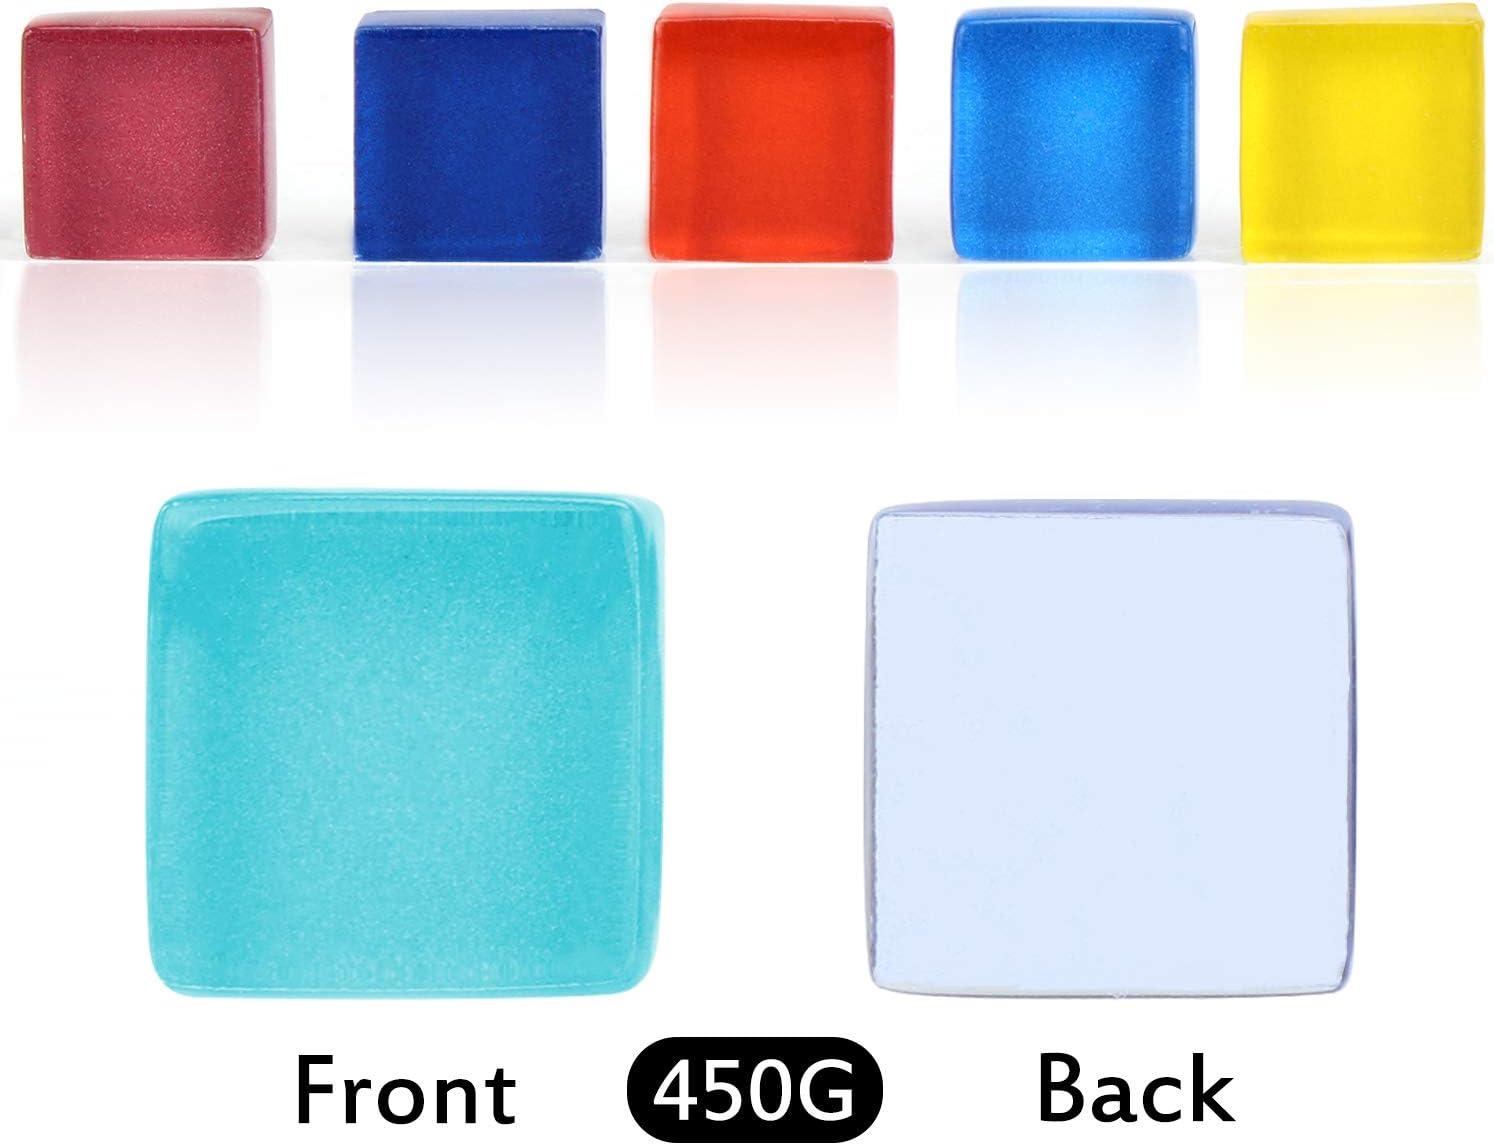 Piastrelle per mosaico in vetro colorato Coolty 1 x 1 cm 450 pezzi 450 g in colori assortiti decorazioni fatte a mano per lavori fai da te